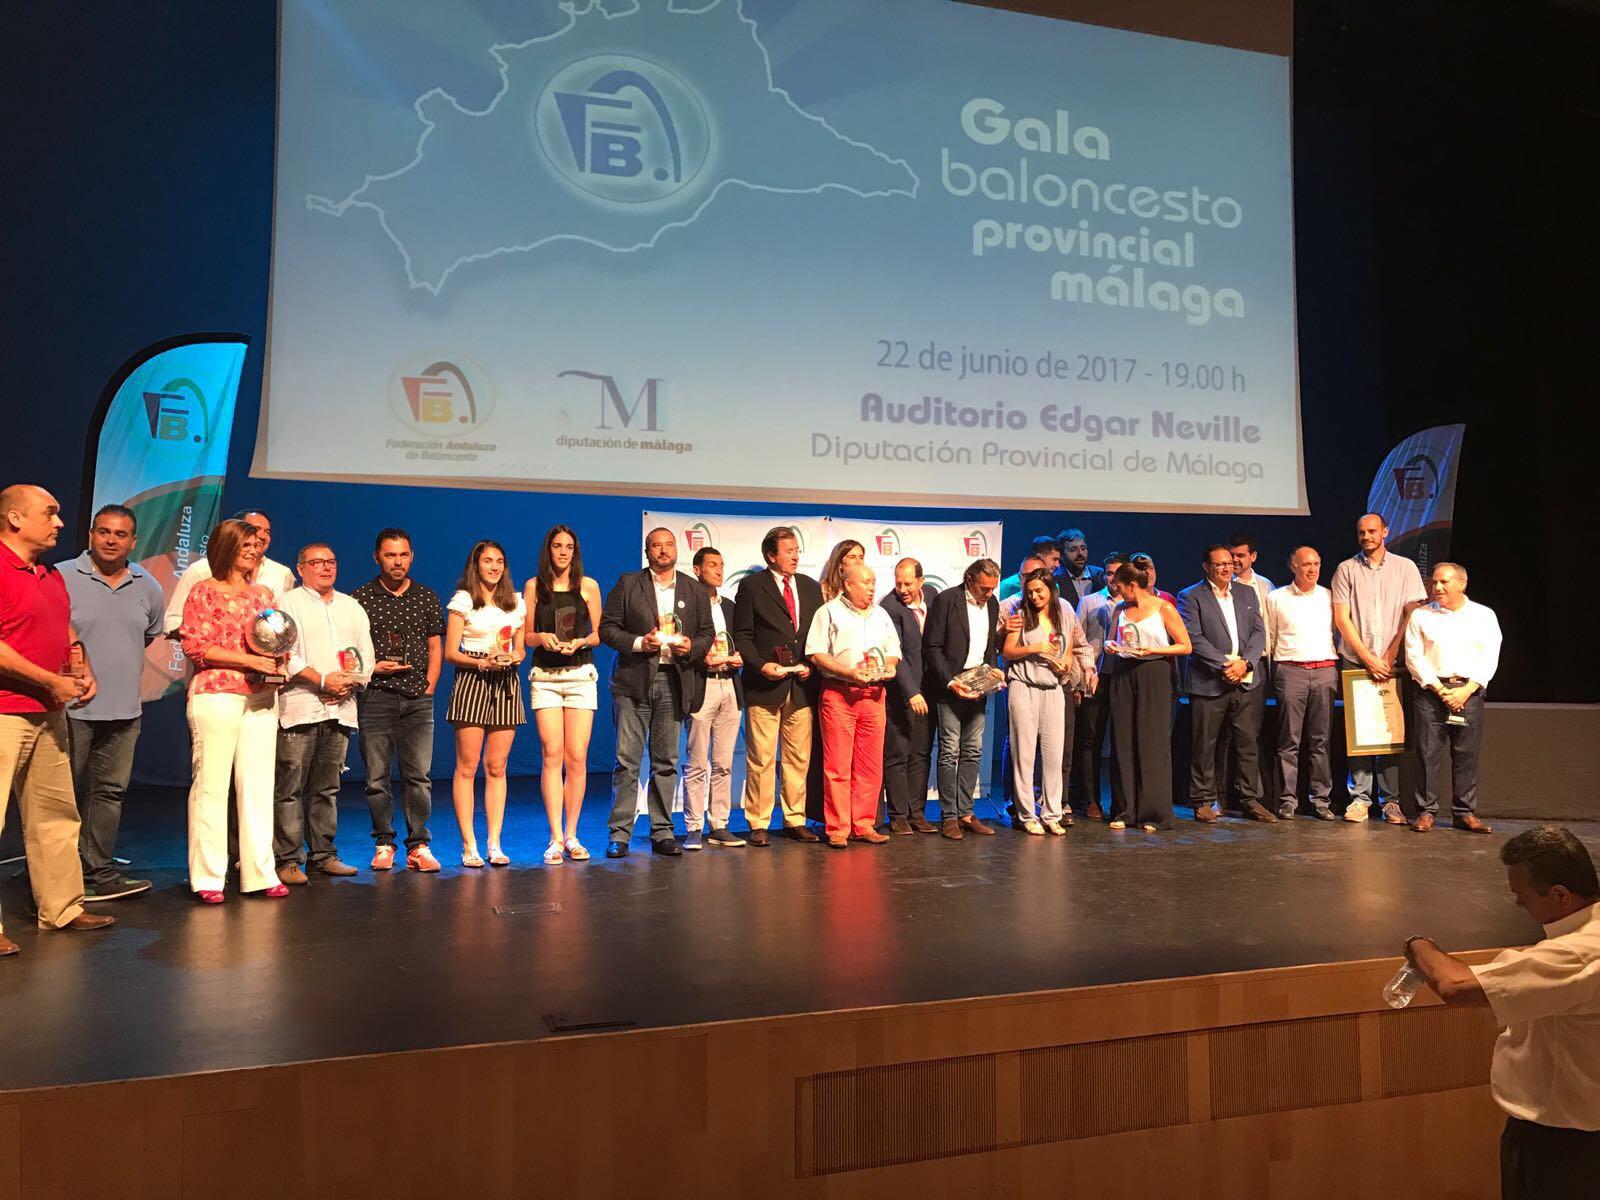 La Gala del Baloncesto Provincial Málaga cierra la temporada